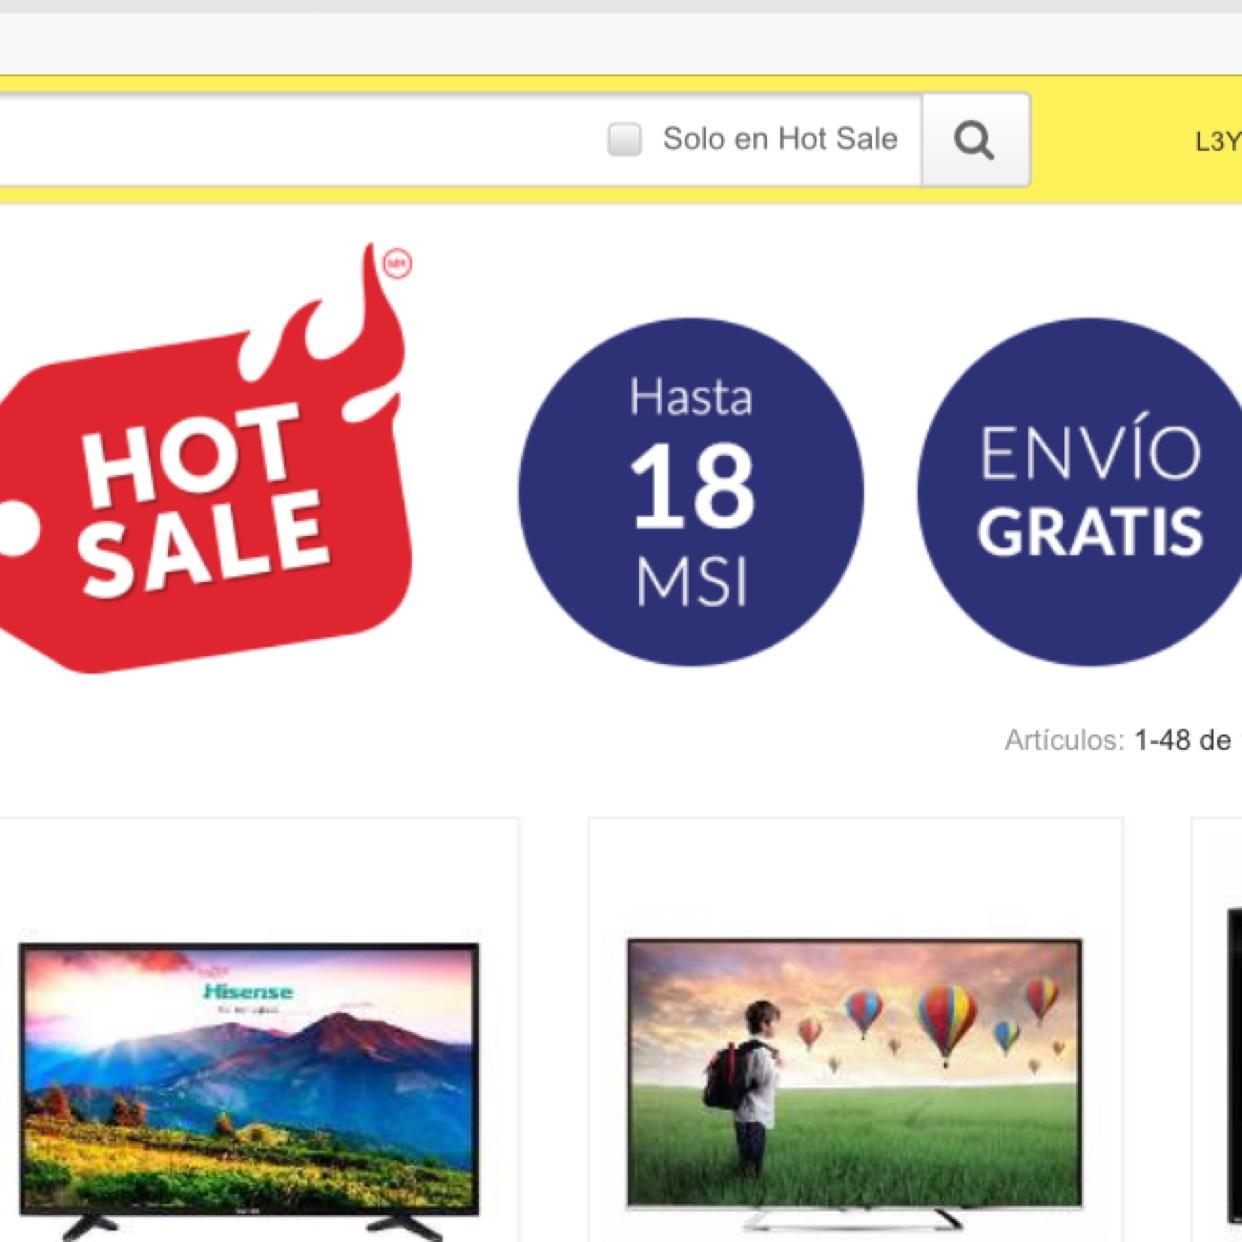 Hot Sale 2017 Mercado Libre y algunas ofertas con 70% de descuento (blusa, secadora y más)